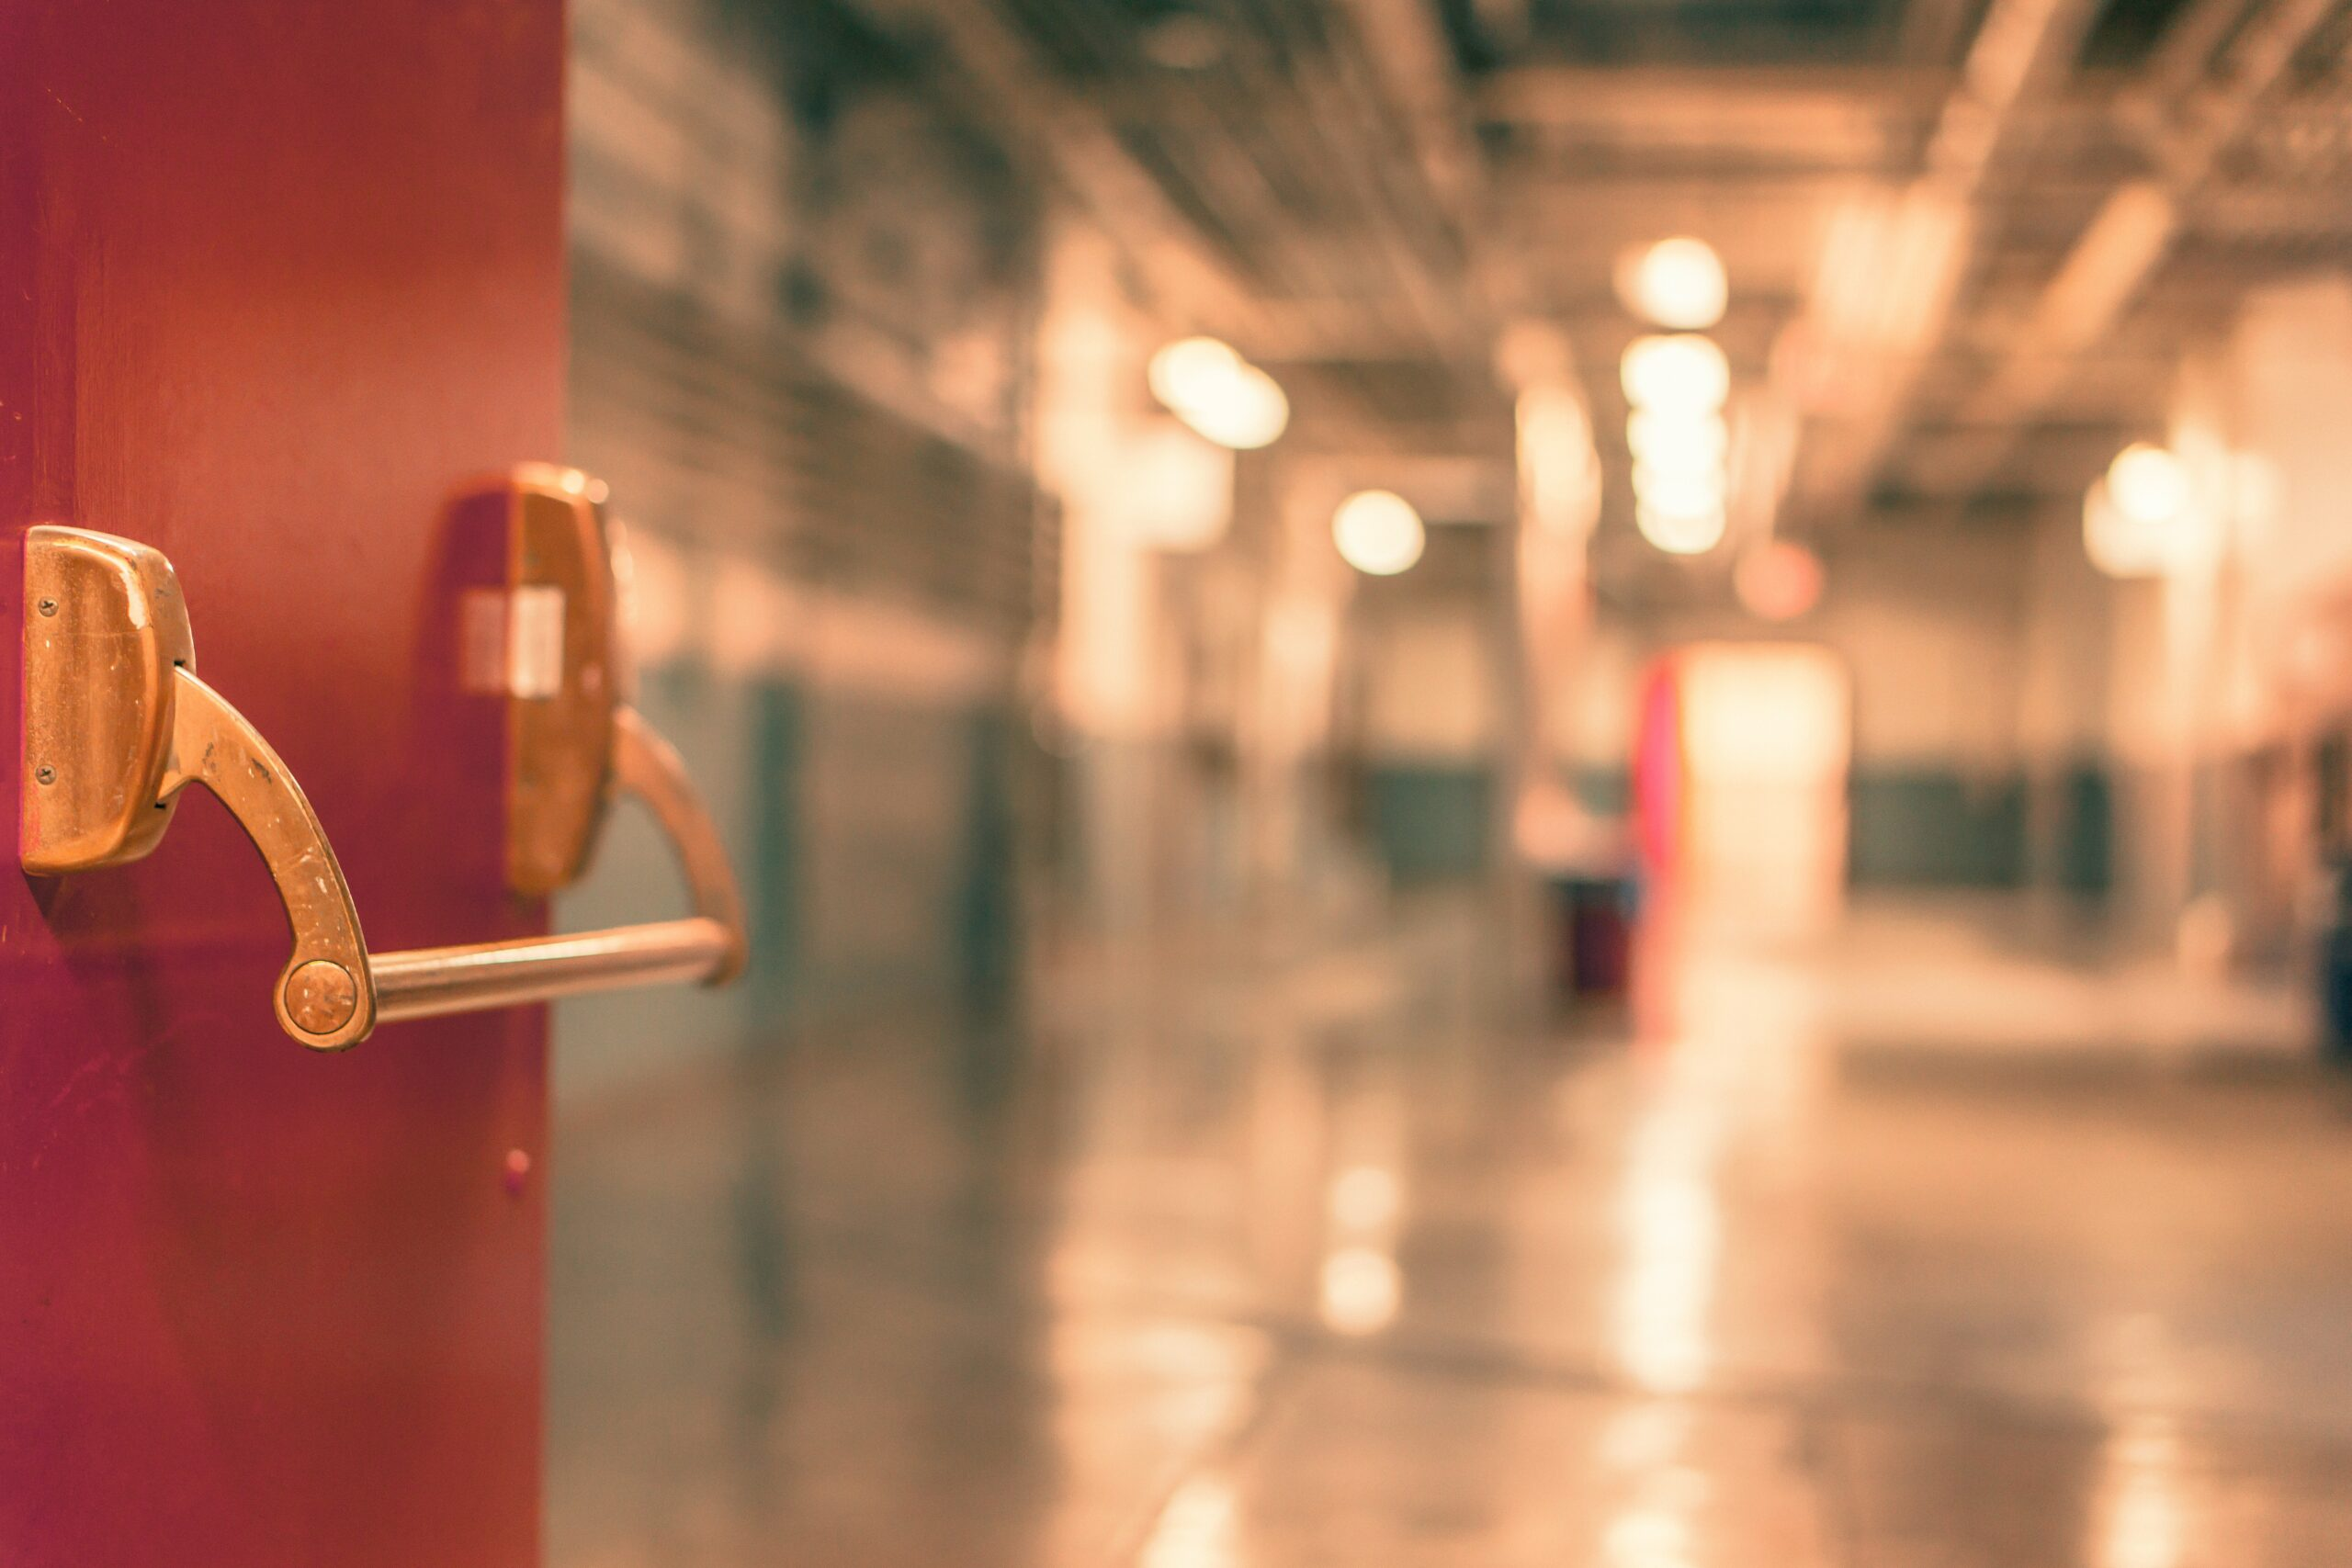 Brandwache, Krankenhausüberwachung, Sicherheitsdienst, Objektschutz, Wachschutz